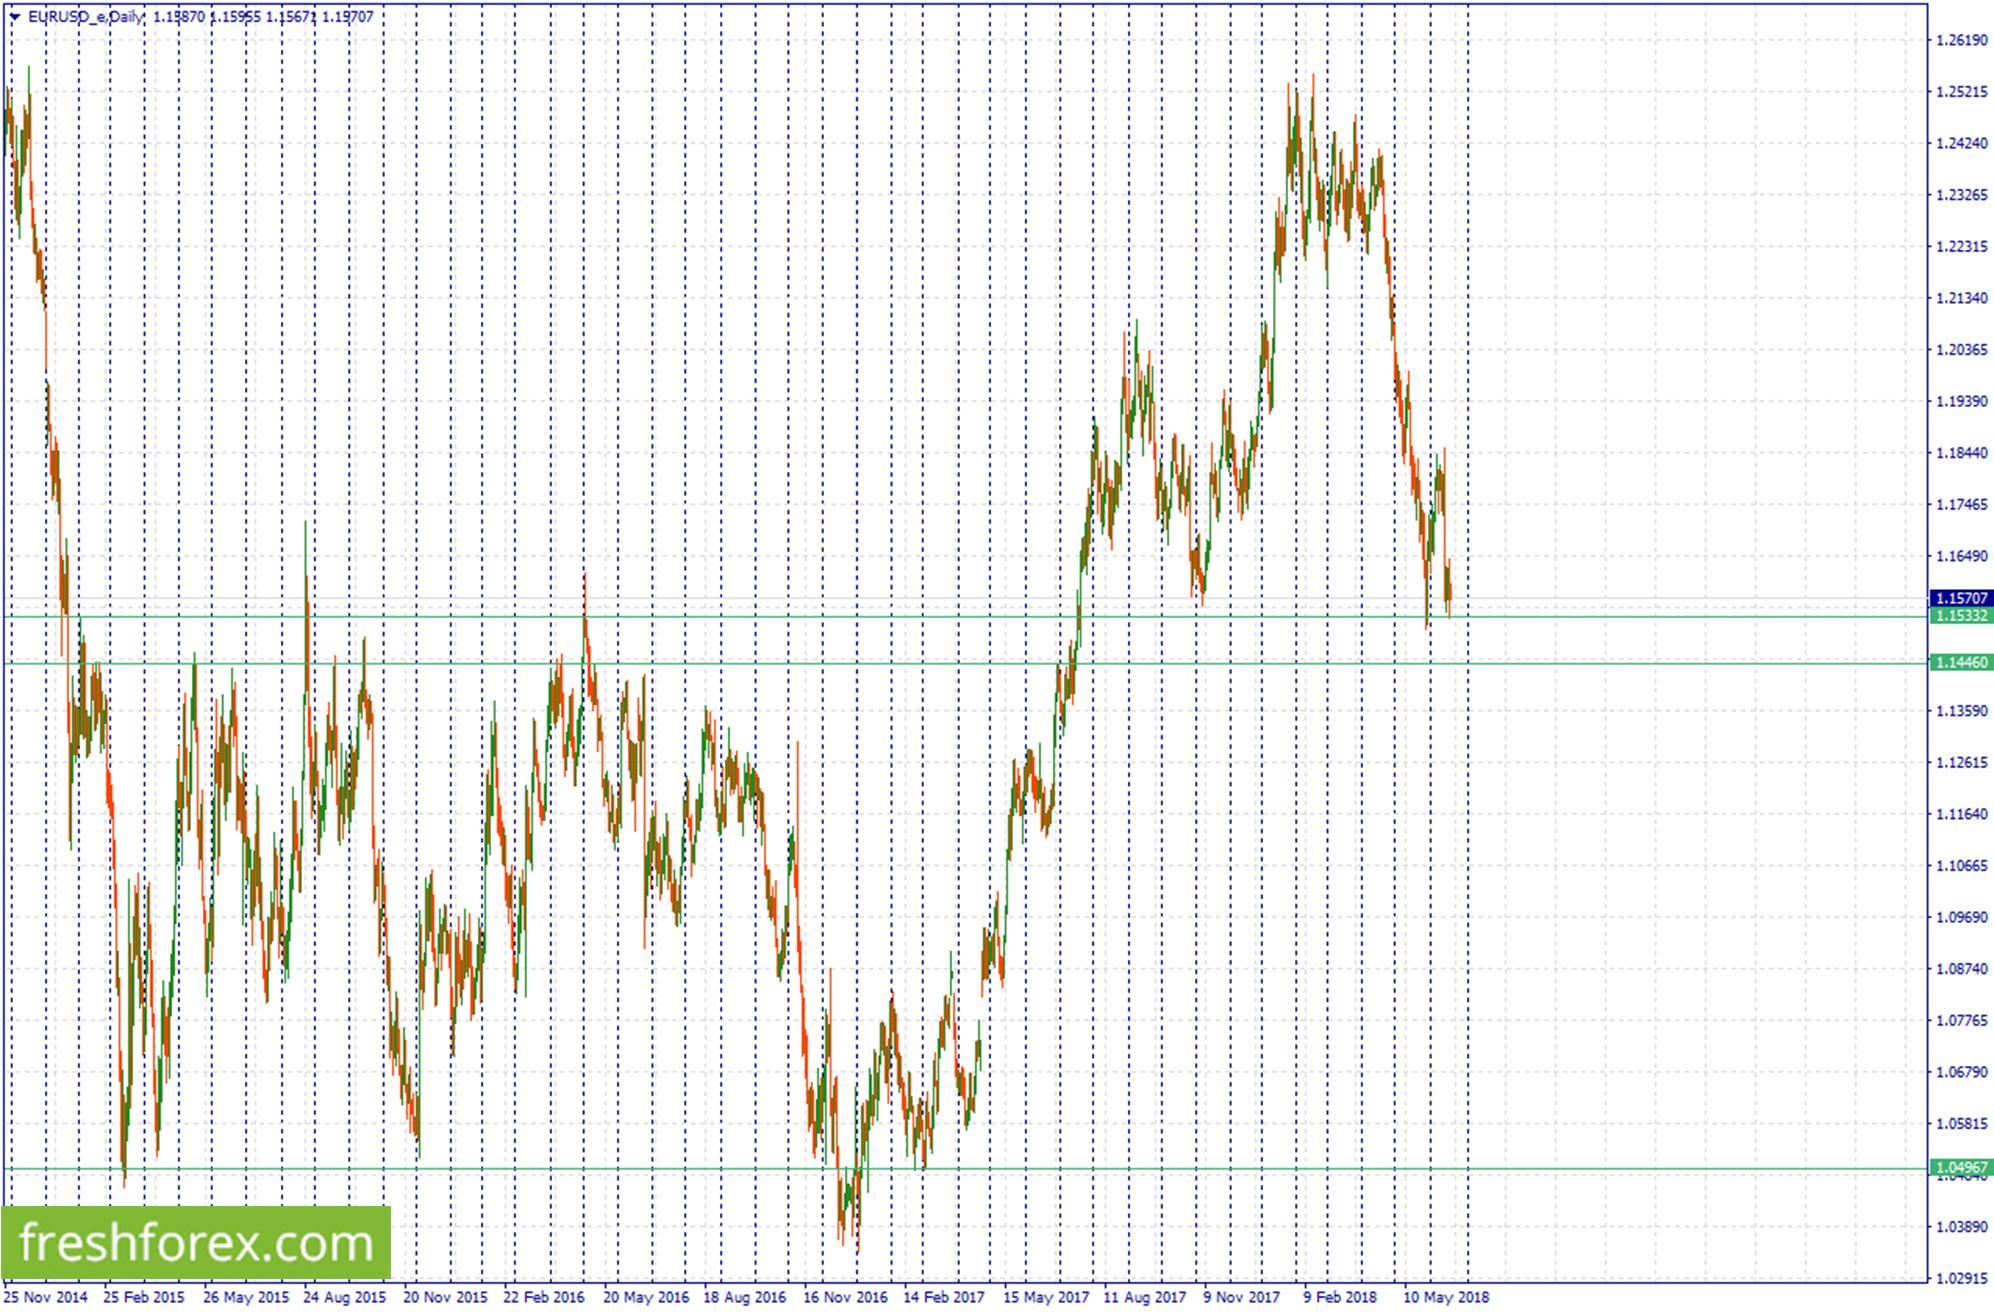 Buy Eur at 1.15322